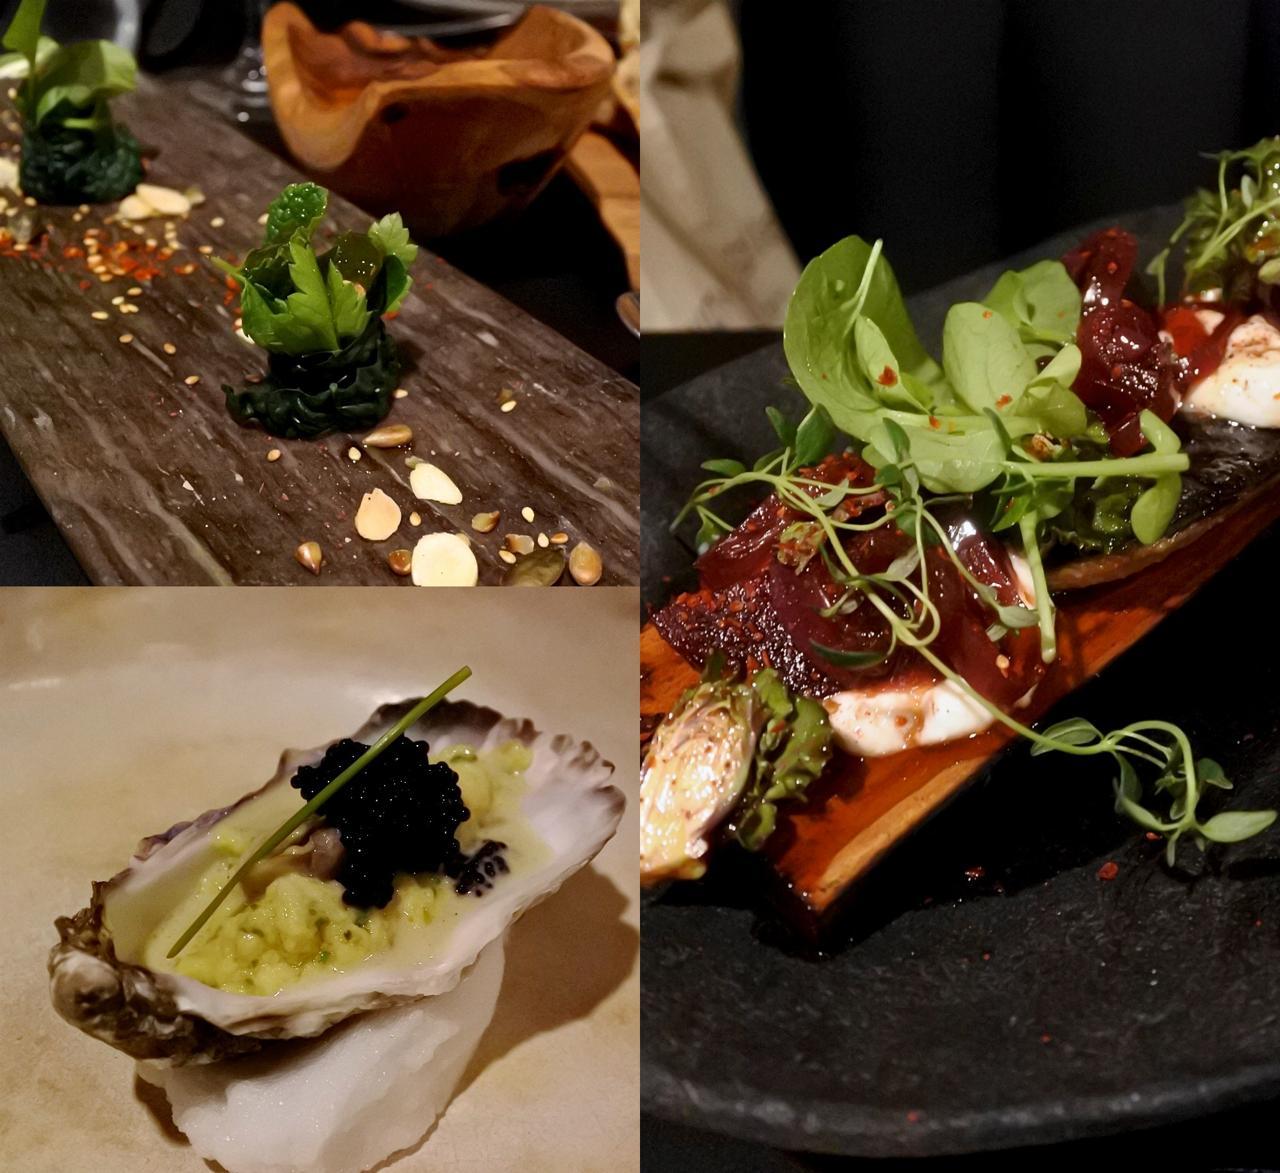 せっかくのサービスの牡蠣でしたが、いかにも西洋風の調理法でソースがいっぱい。牡蠣のお味が隠れてしまって残念でした